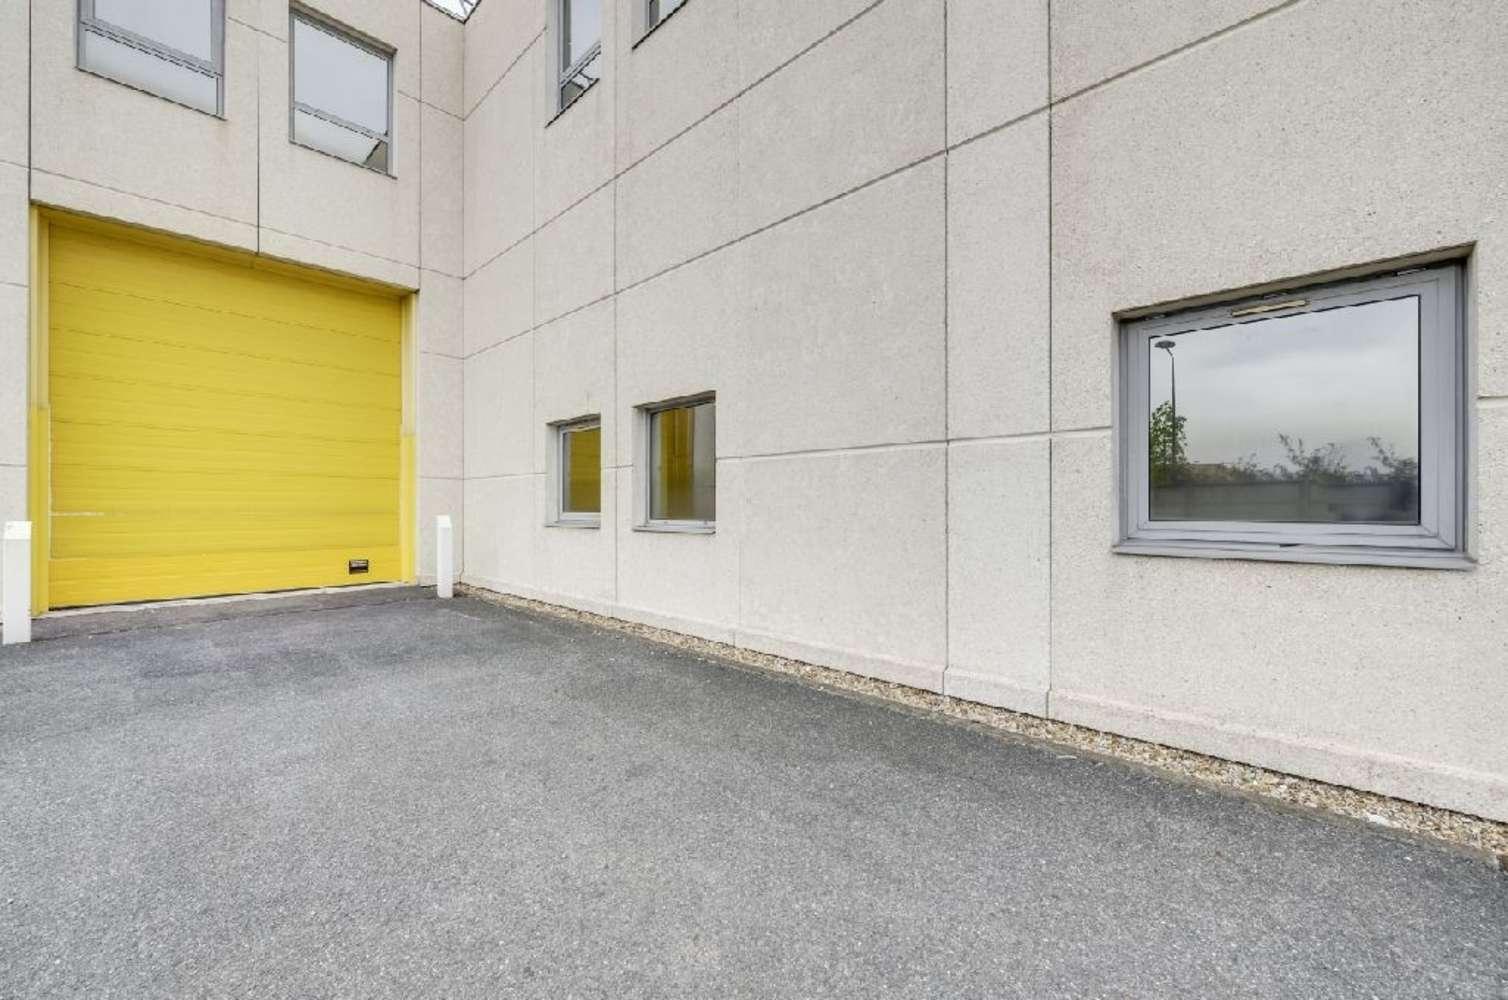 Activités/entrepôt Villeneuve la garenne, 92390 - LE CHANTERAINE - 9496569